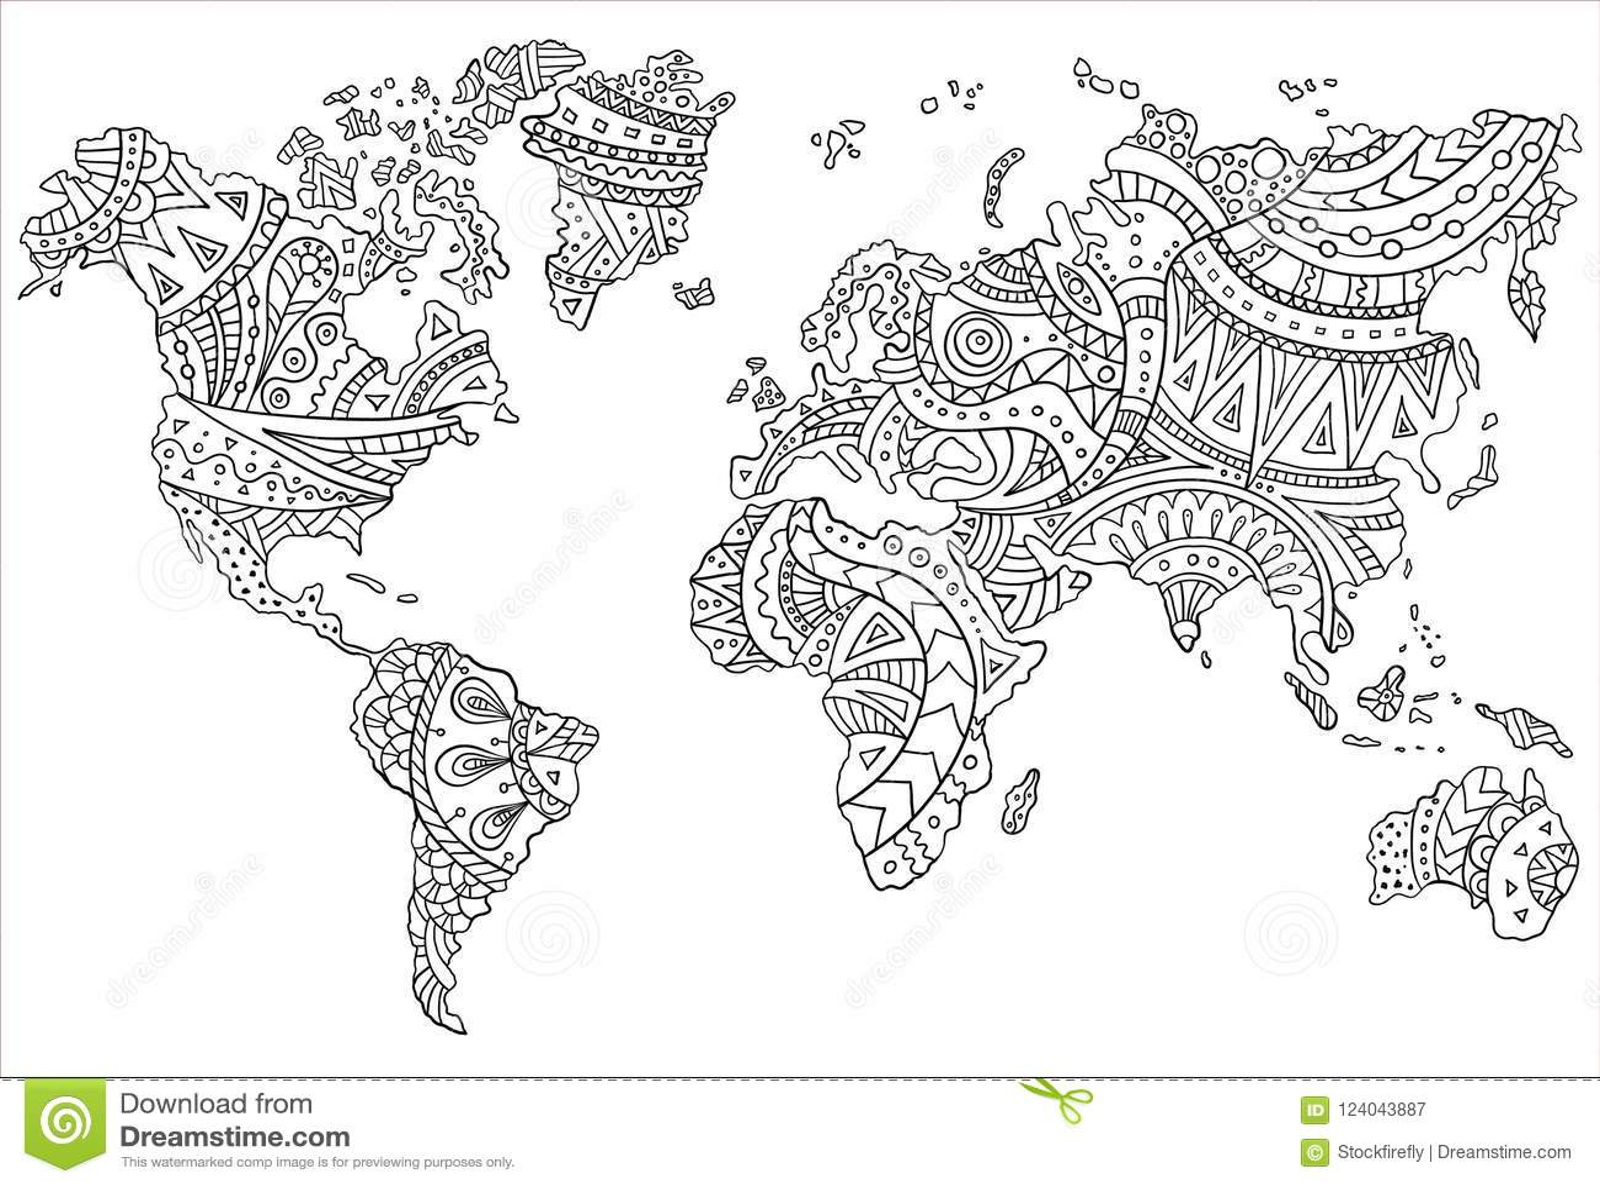 Um Mapa Pintado Do Mundo Ilustracao Vetorial Ilustracao Do Vetor